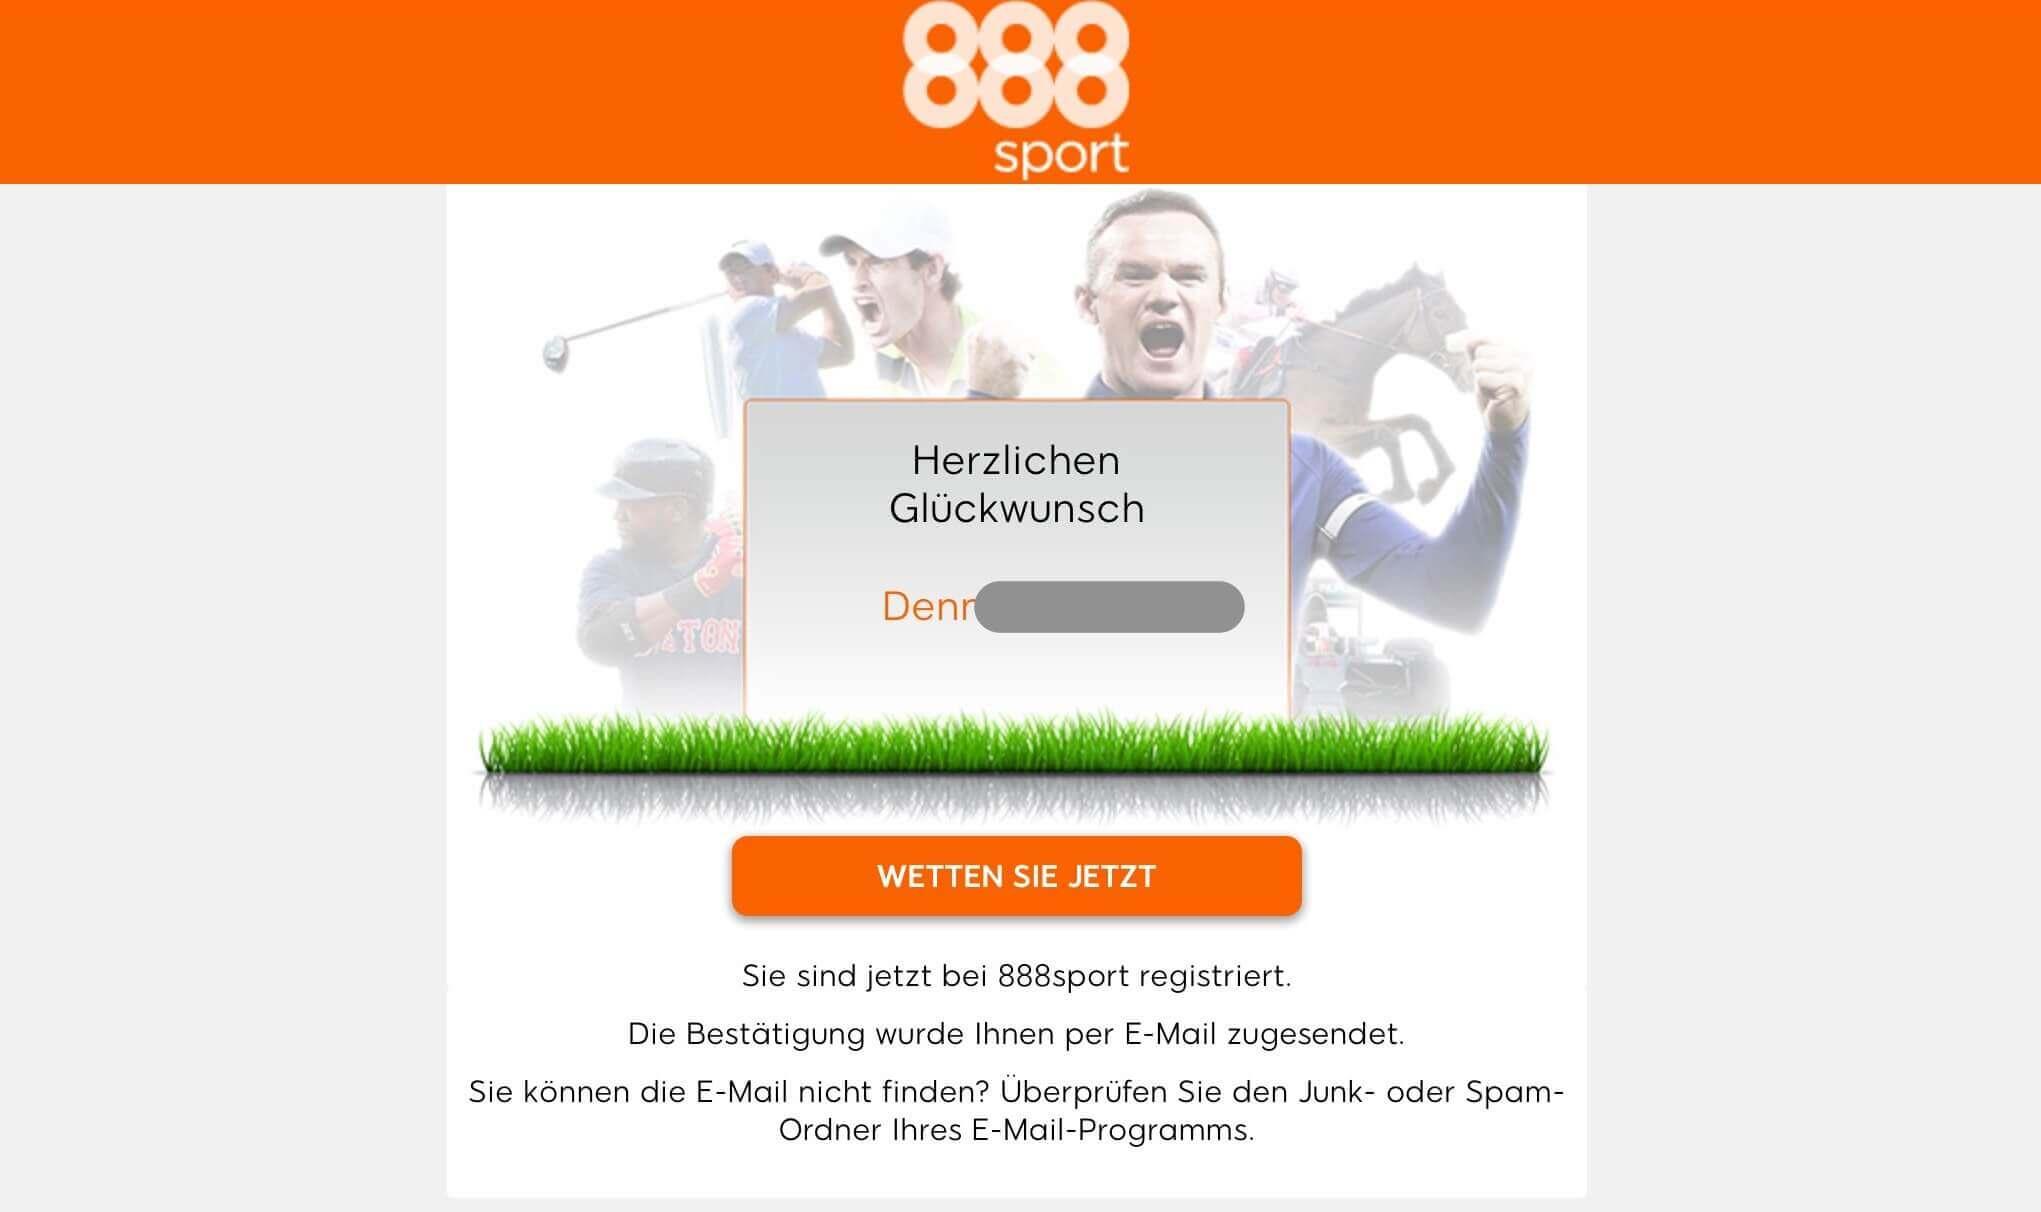 888sport Reg Fin